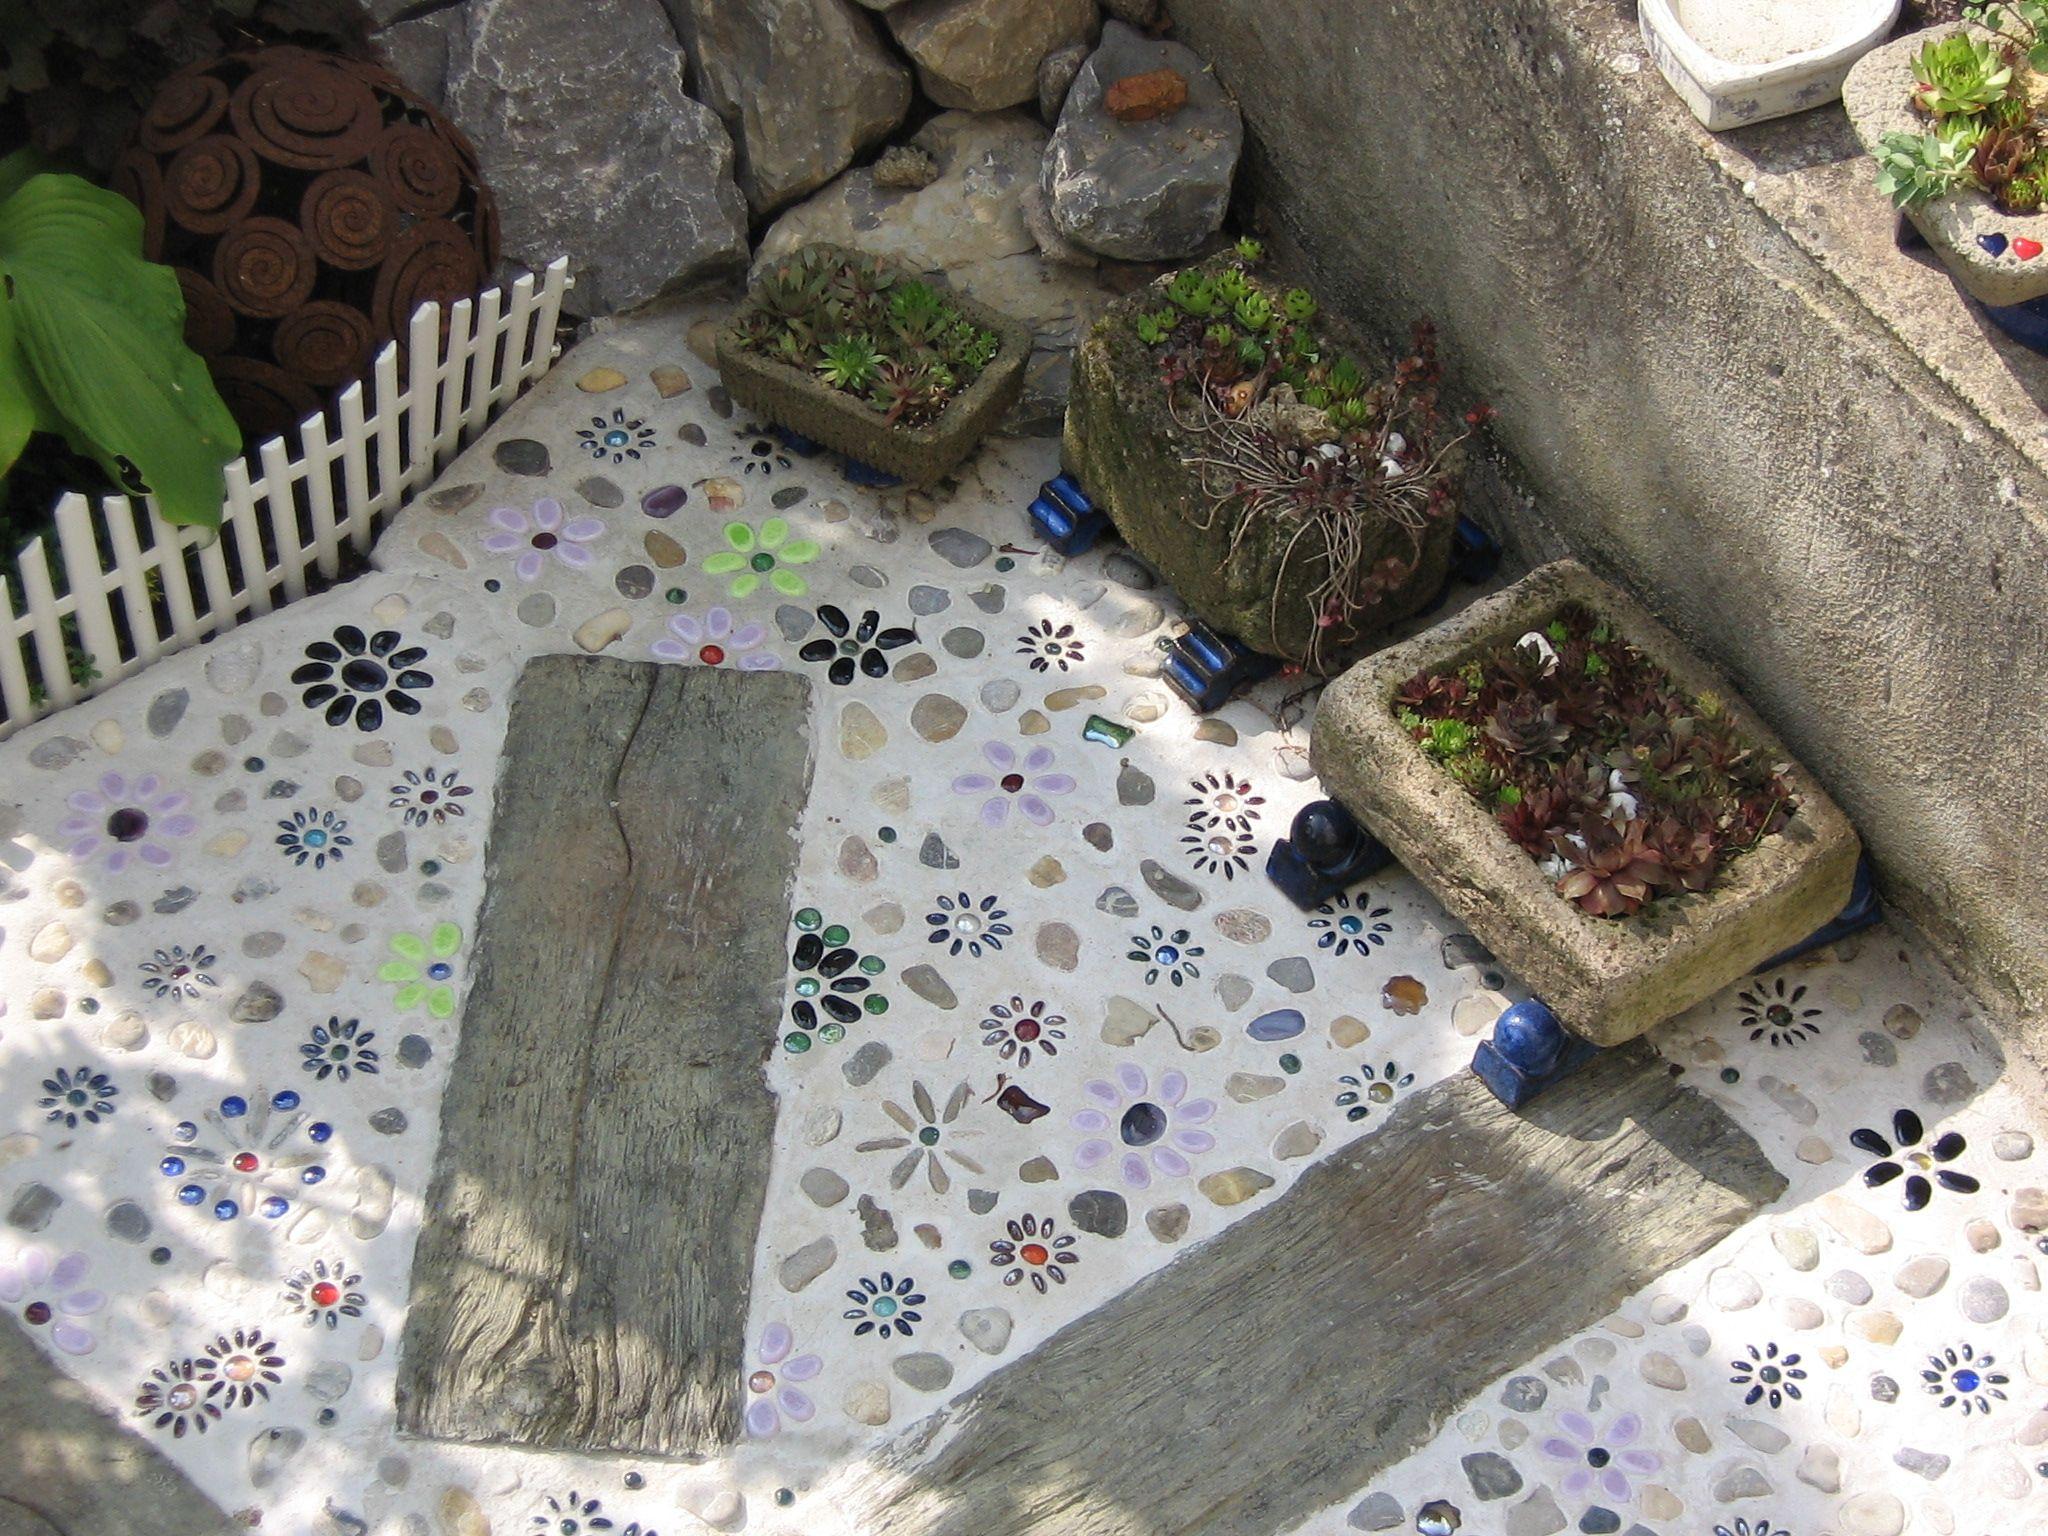 Terrasse mosaik beton garten mosaic garten terrasse und rund ums haus - Garten mosaik ...